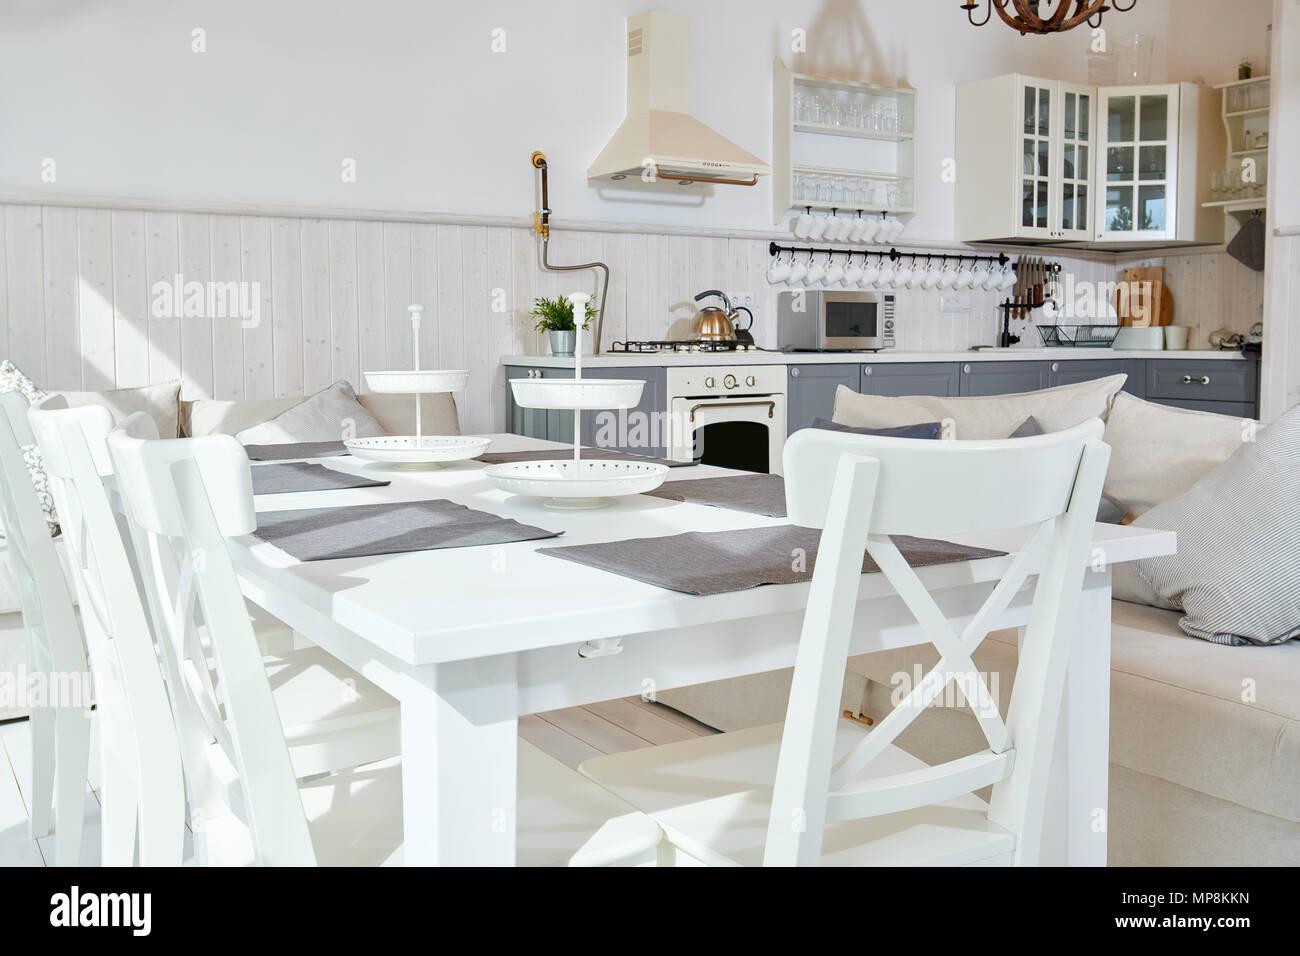 Arredamento Cucina Stile Nordico soleggiato aperto cucina arredamento con mobili bianchi e